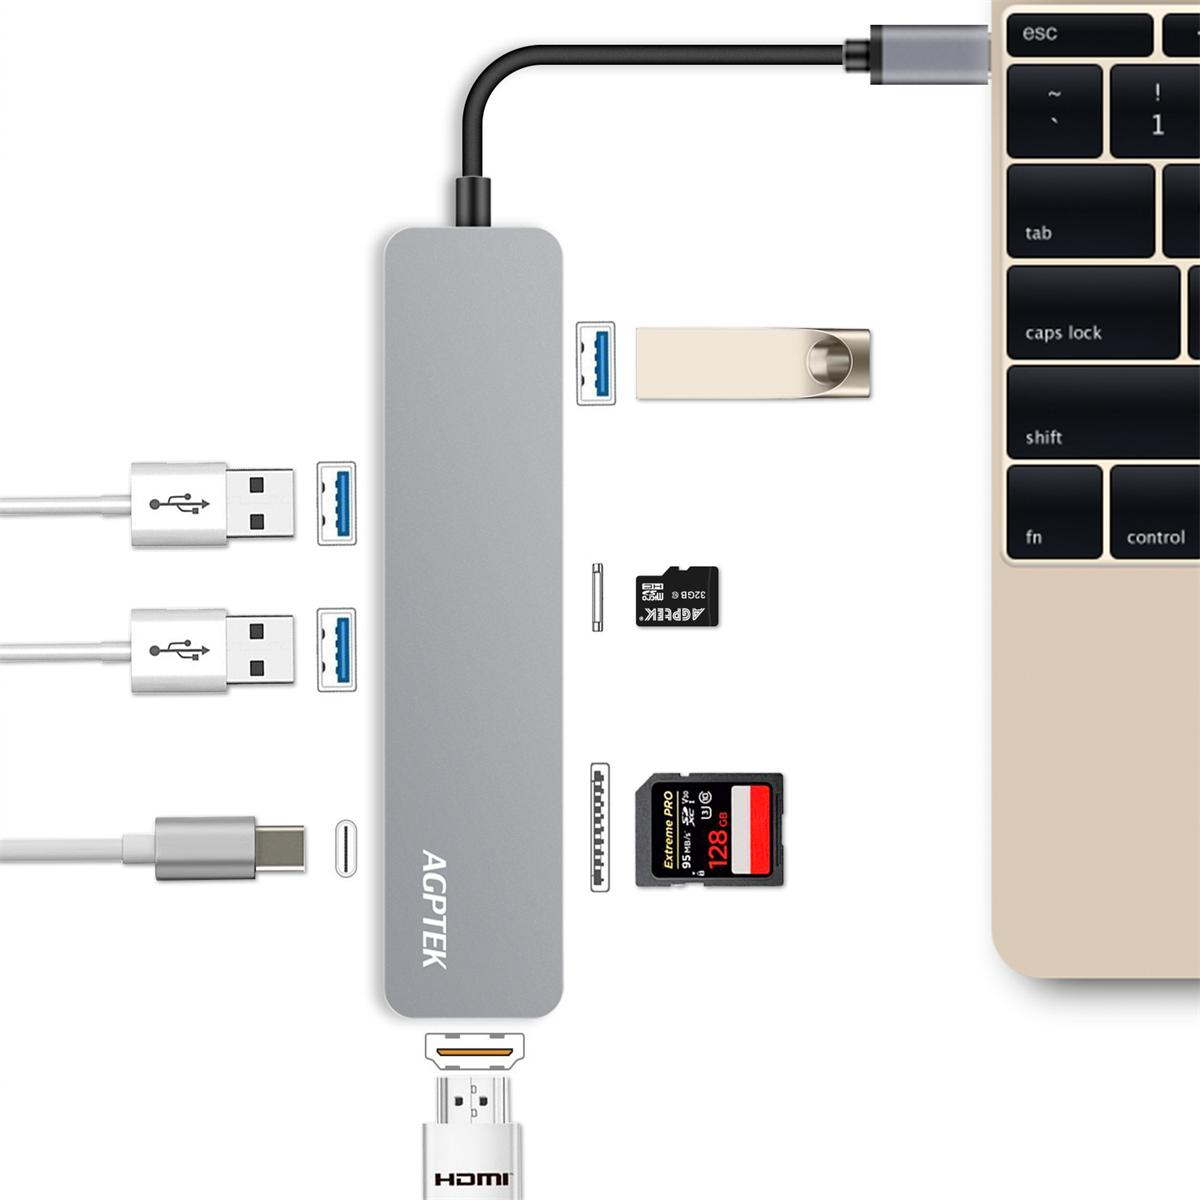 【楽天市場】AGPTEK USB-C ハブ 多機能7-in-1 4K HDMI出力 タイプ C マルチ変換アダプター